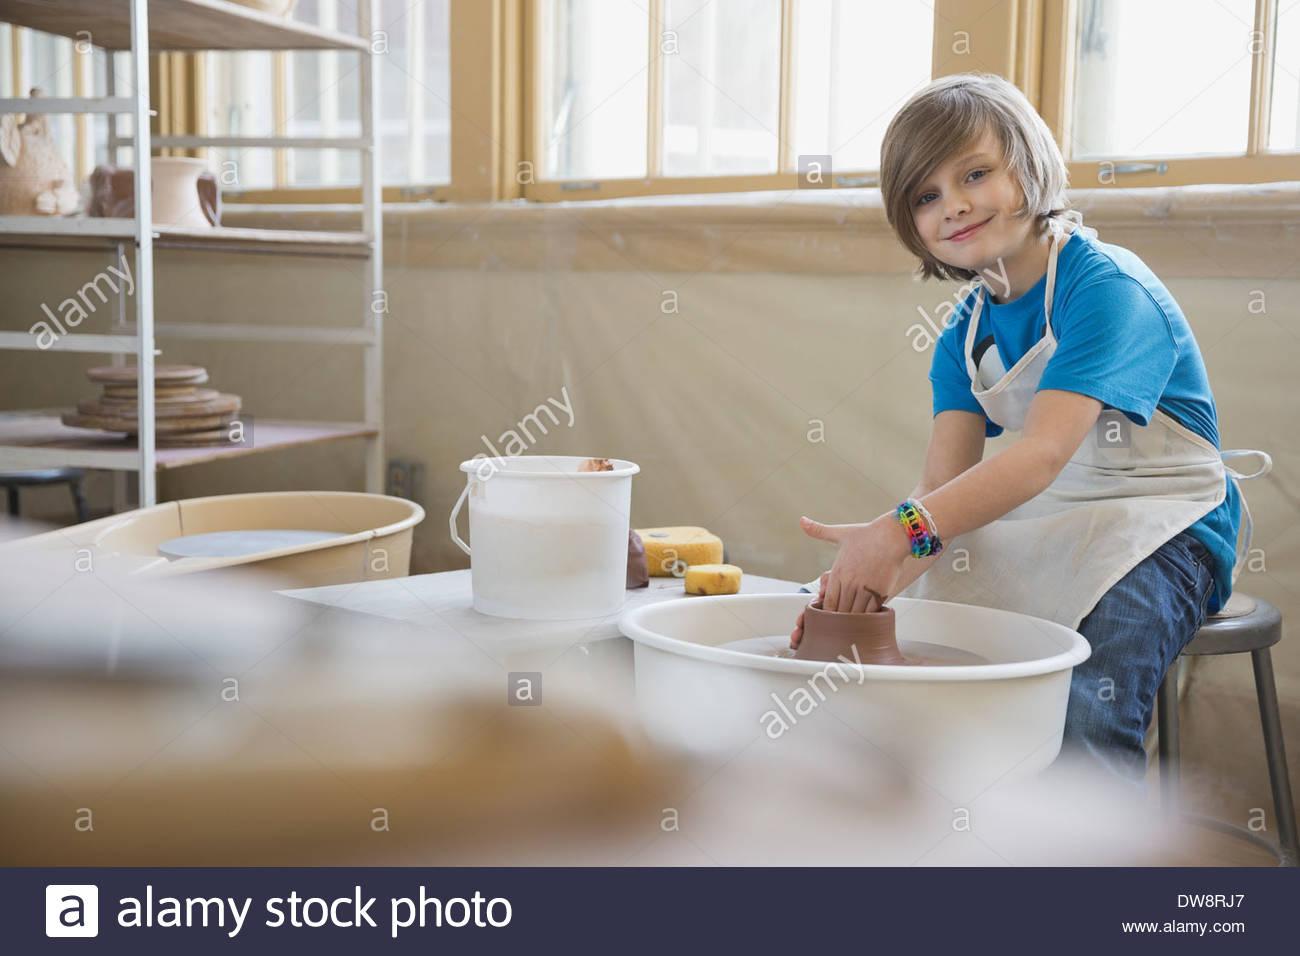 Porträt eines jungen auf der Töpferscheibe Stockbild